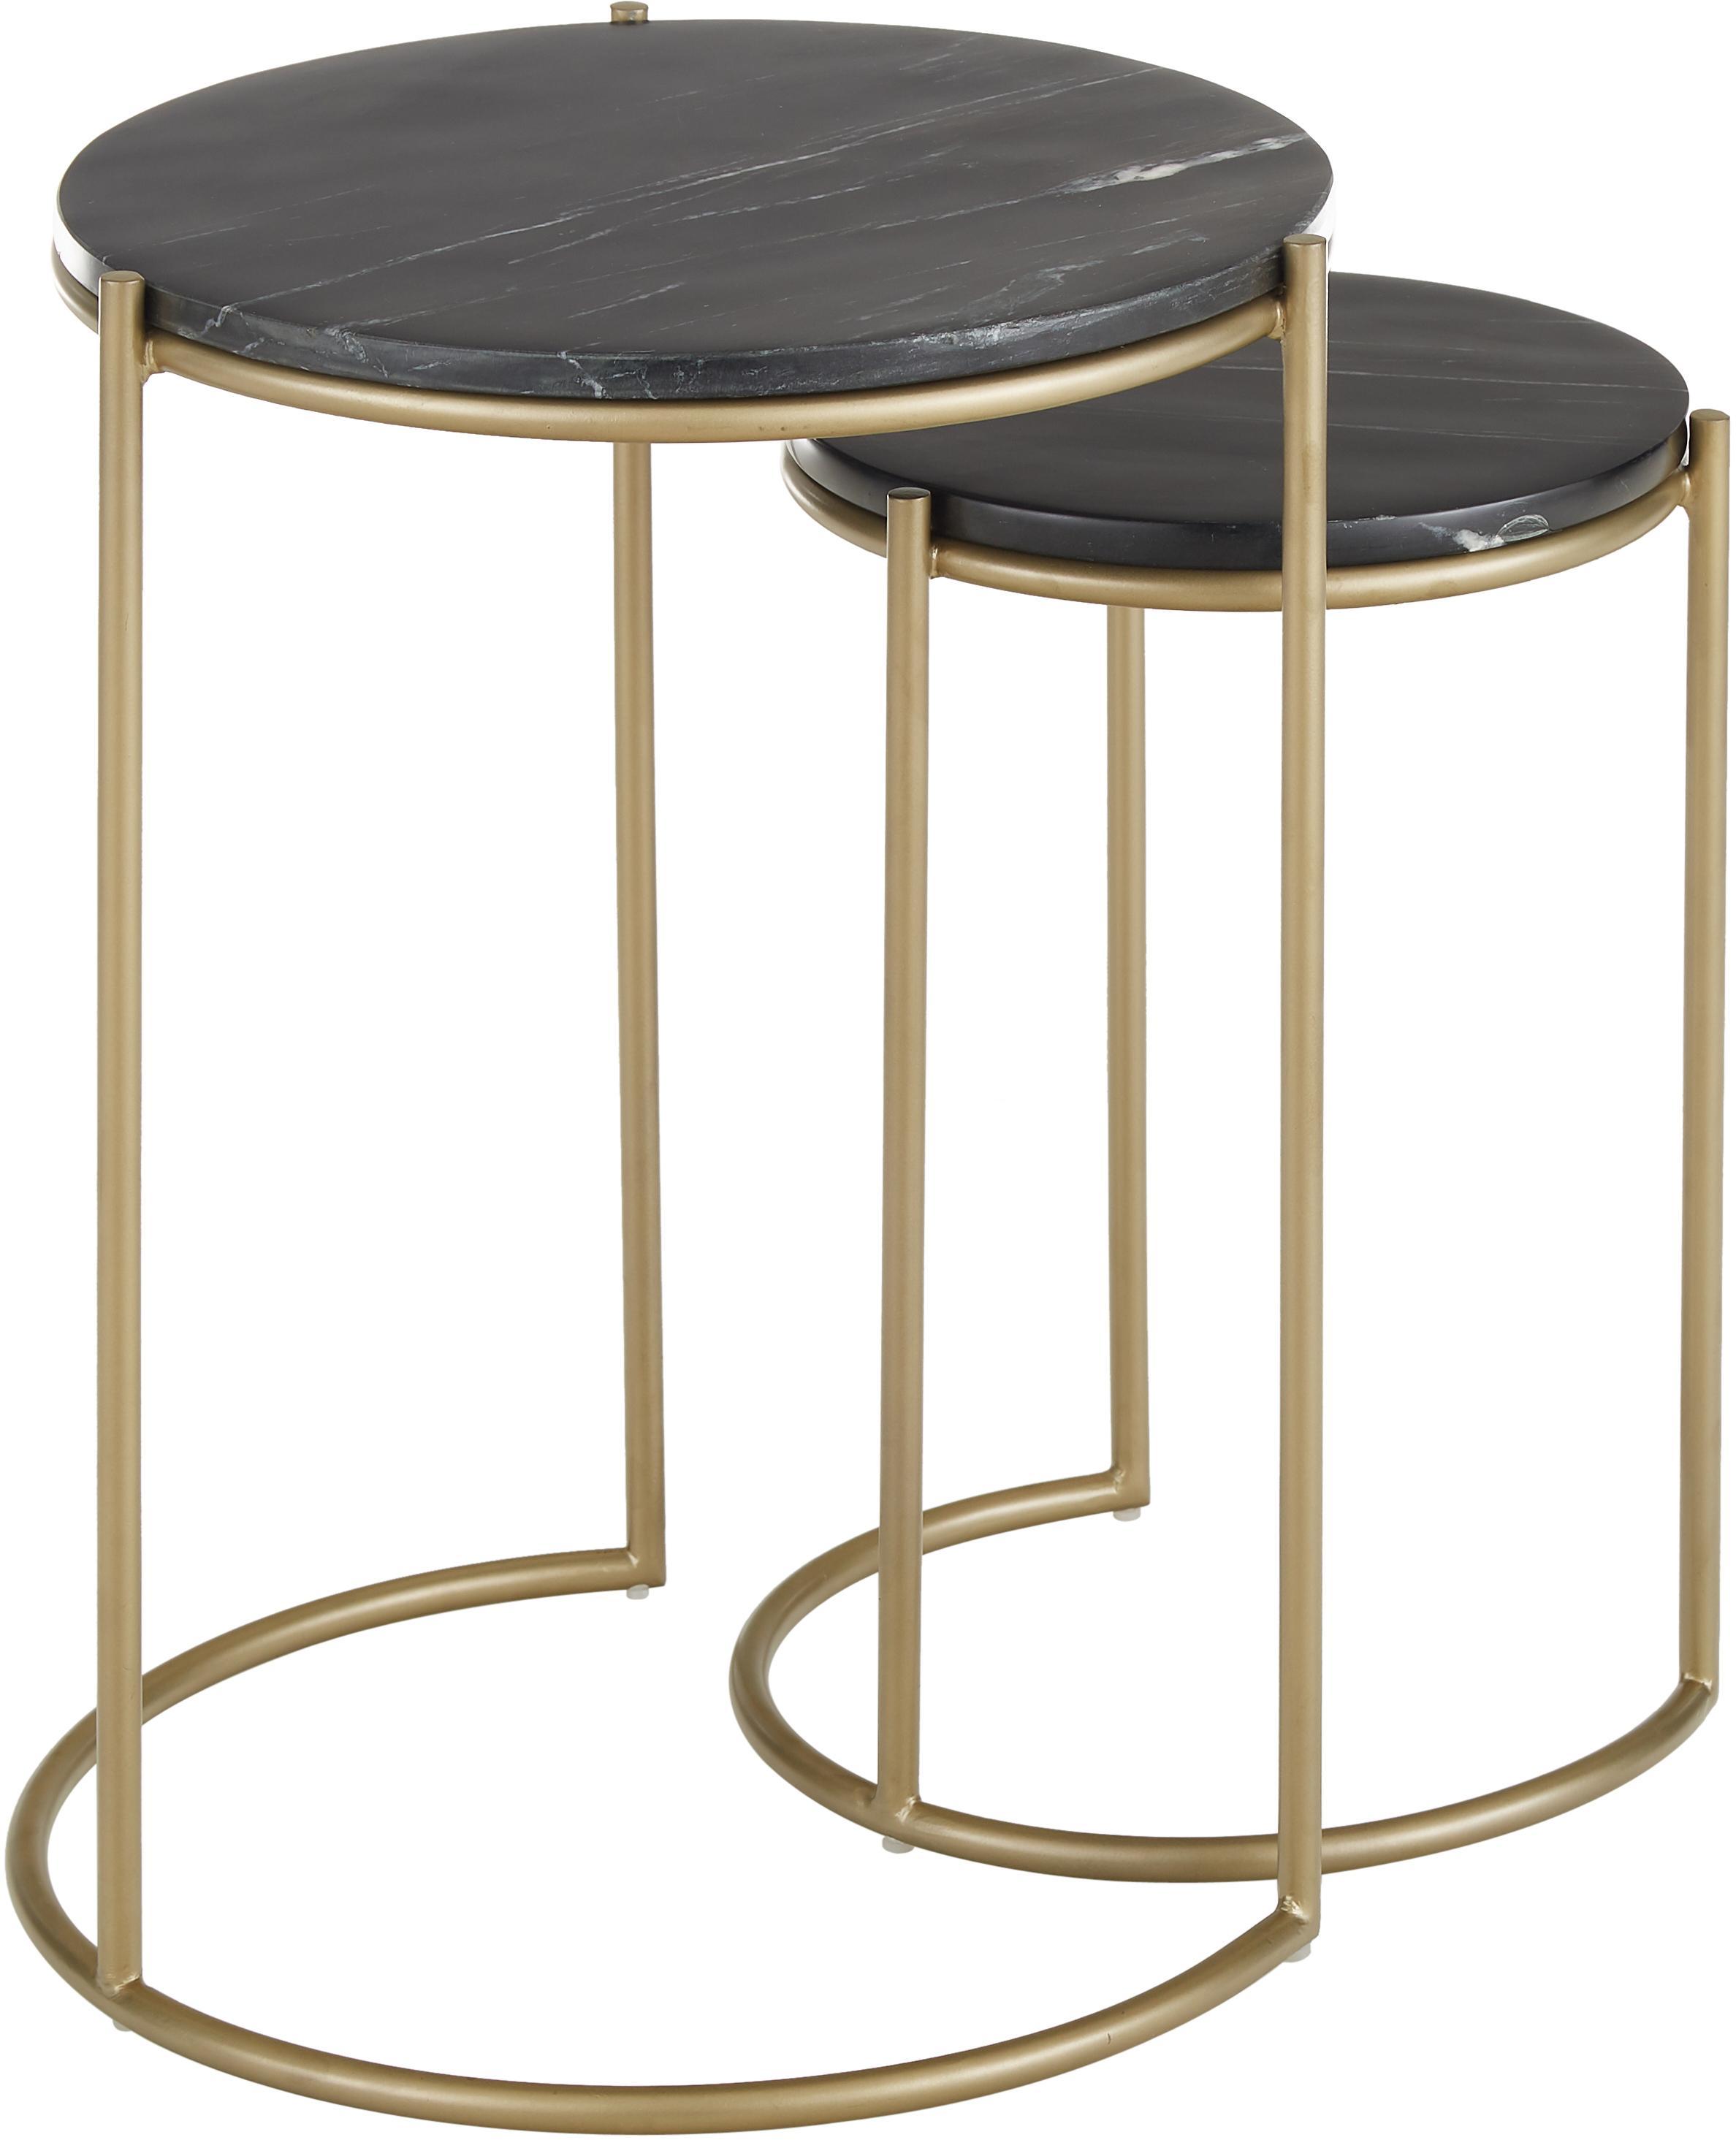 Komplet stolików pomocniczych z marmuru Ella, Stelaż: marmur naturalny, Stelaż: metal malowany proszkowo, Blaty: czarny marmur Regał: odcienie złotego, matowy, Różne rozmiary